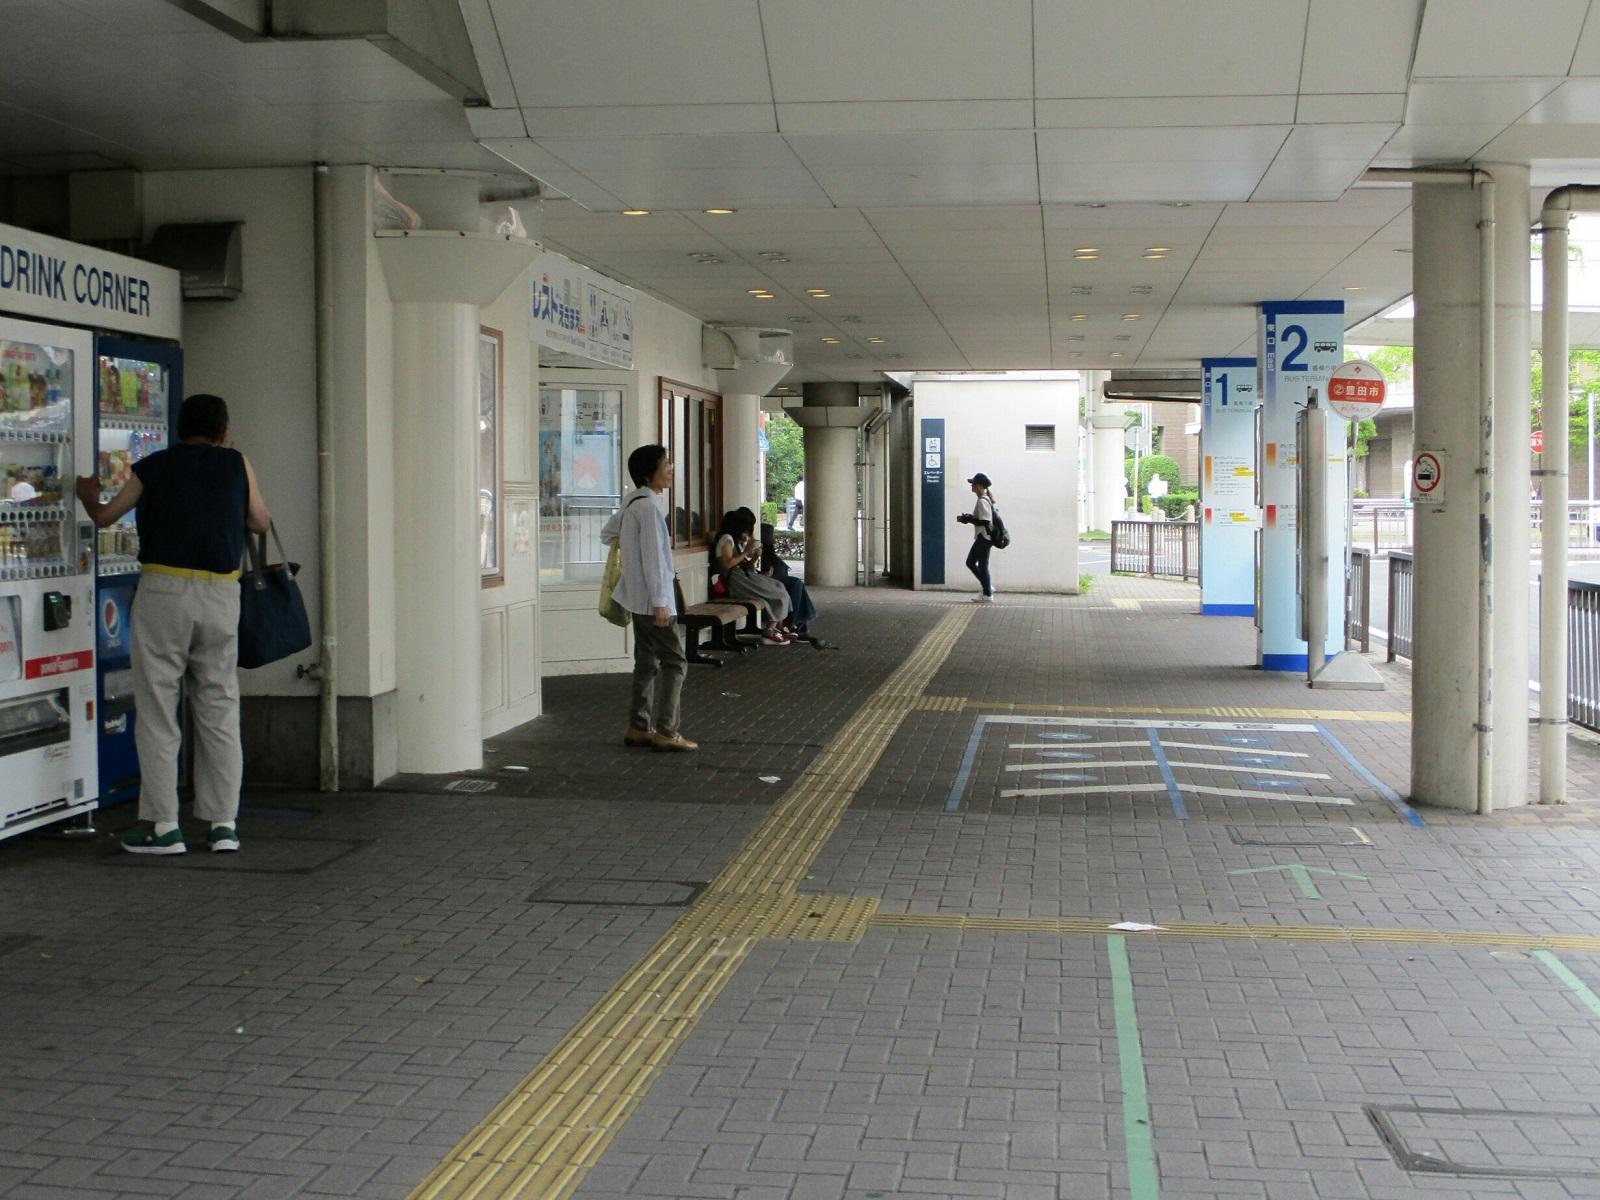 2018.6.14 豊田 (26) 豊田市駅ひがしぐちバスまちあいじょ 1600-1200